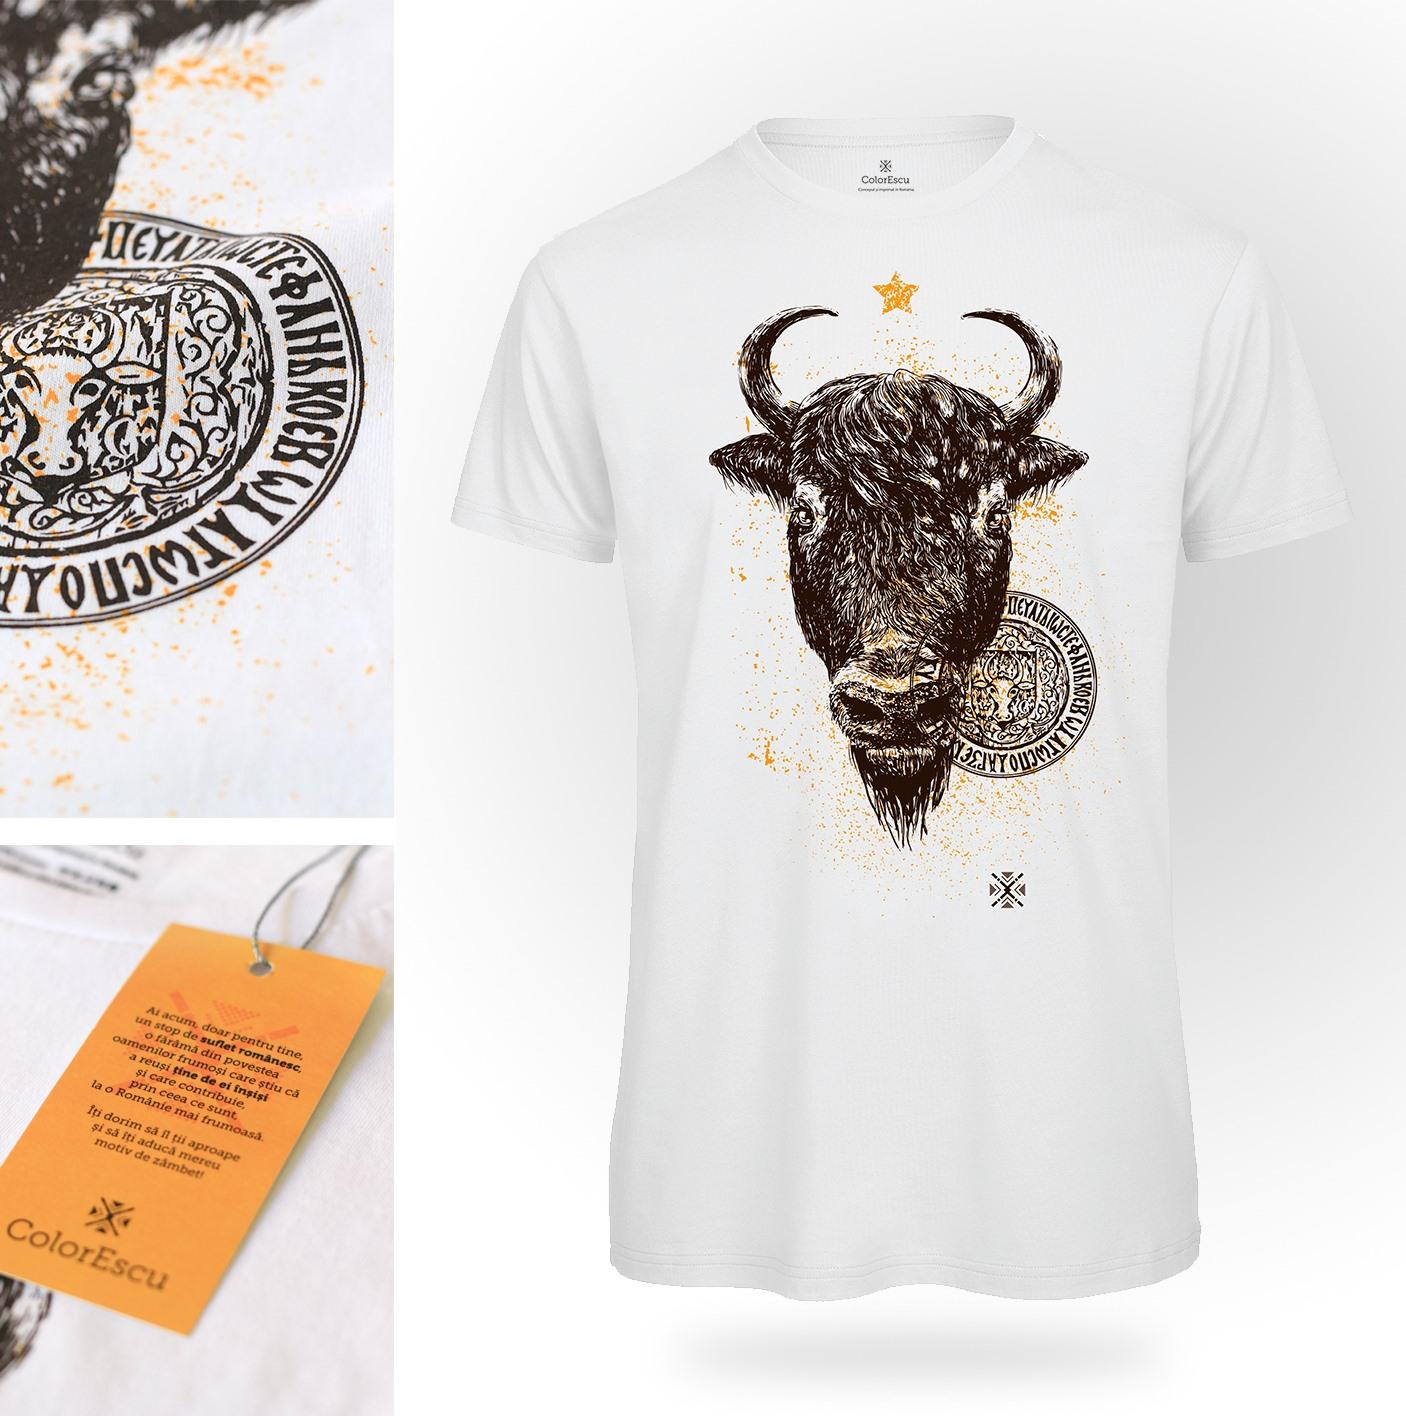 Zimbrul și Capul de Bour – Noi simboluri românești pe tricourile ColorEscu